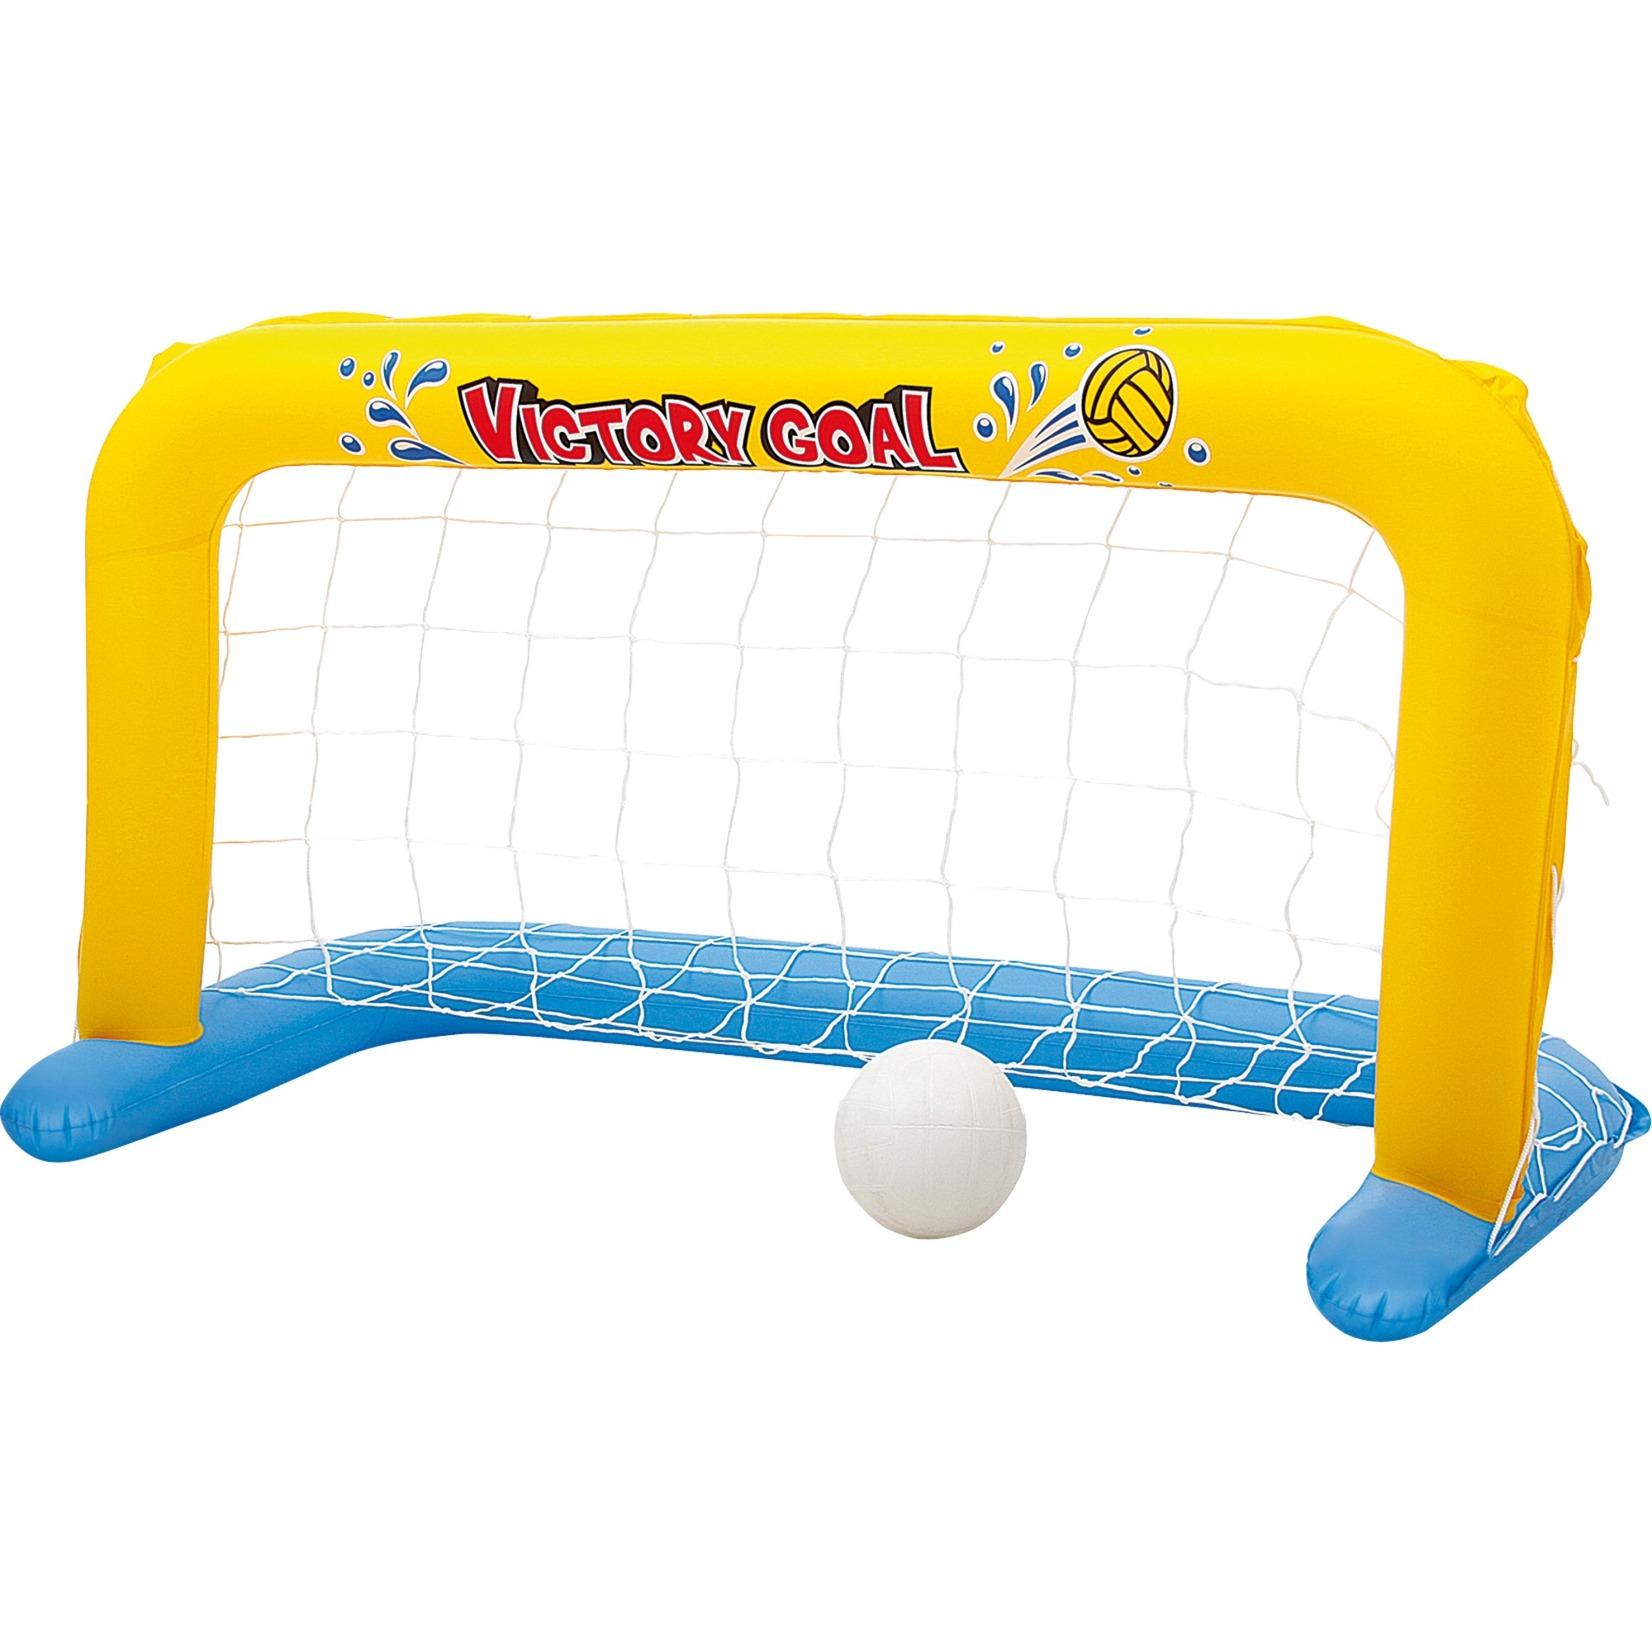 52123 Piscina juguete inflable, Juguetes de agua